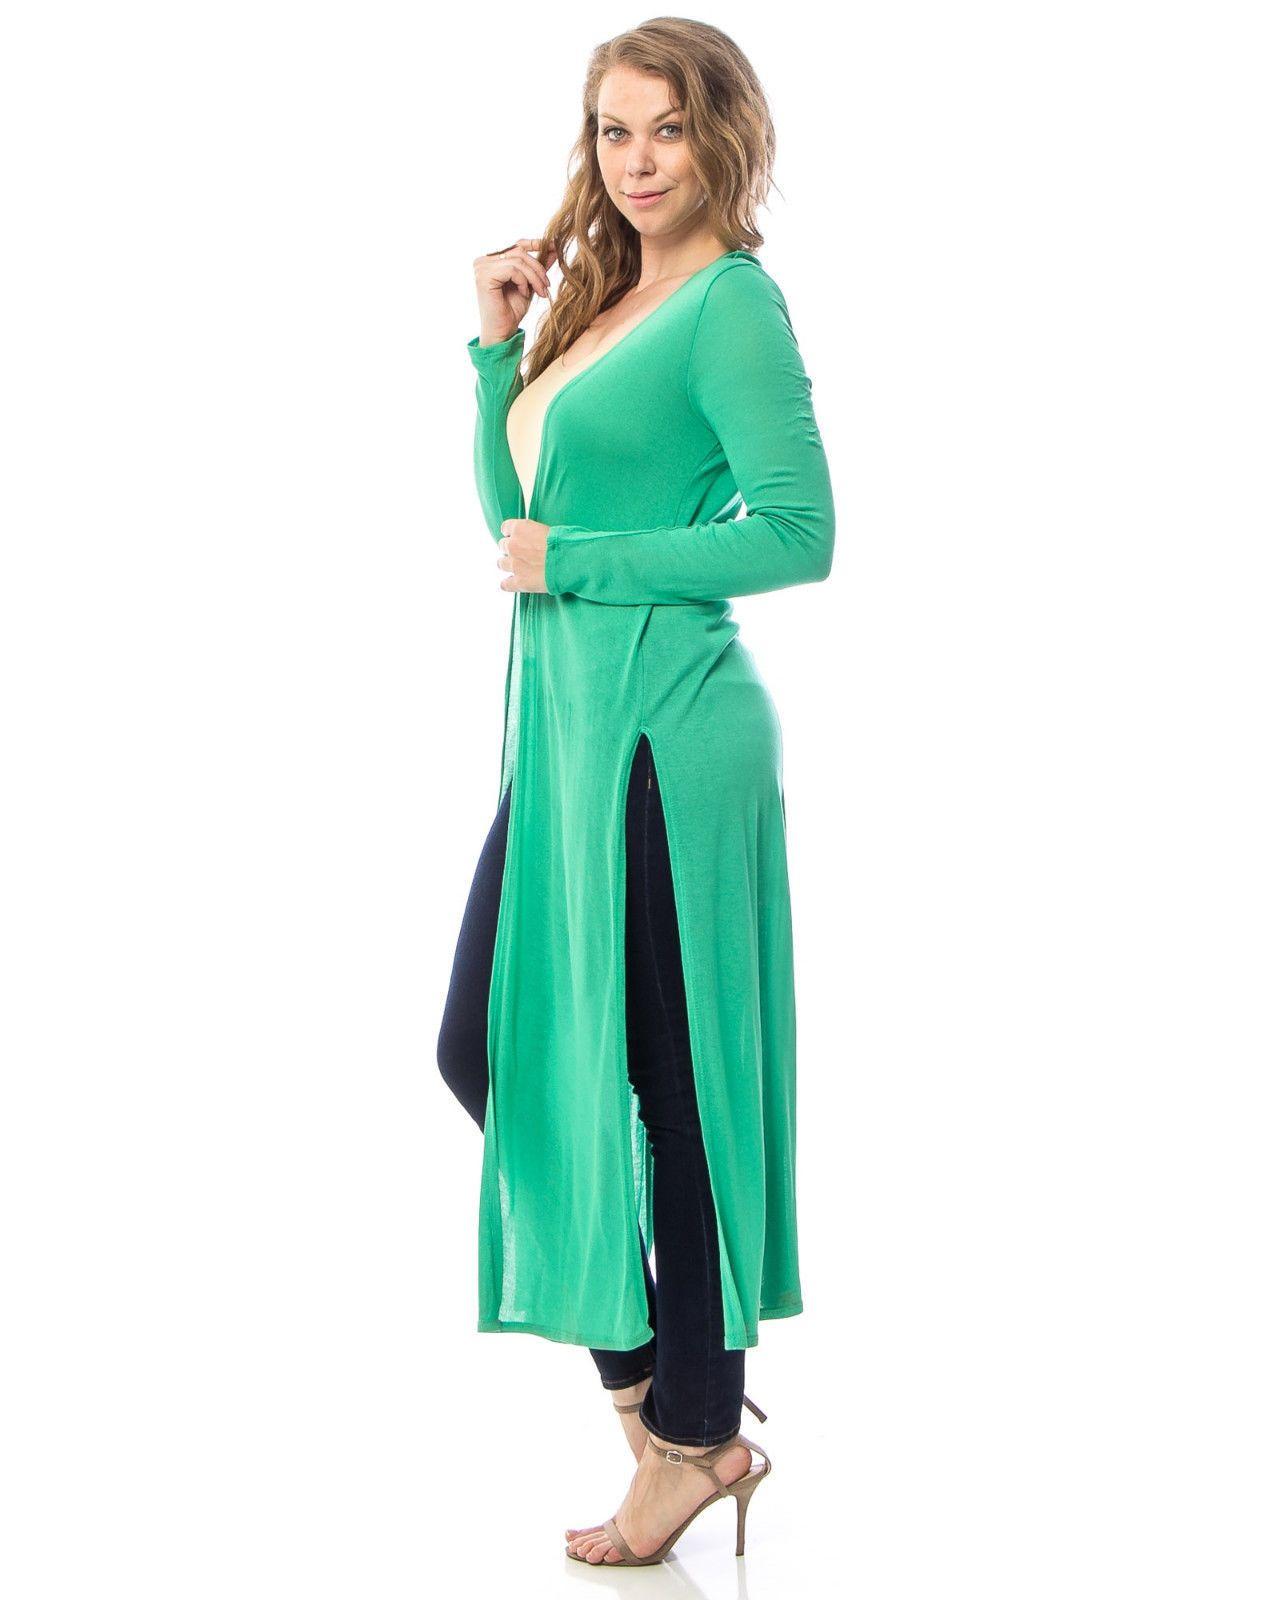 Women wrap cardigan solid green plus size xl xl xl xl calf